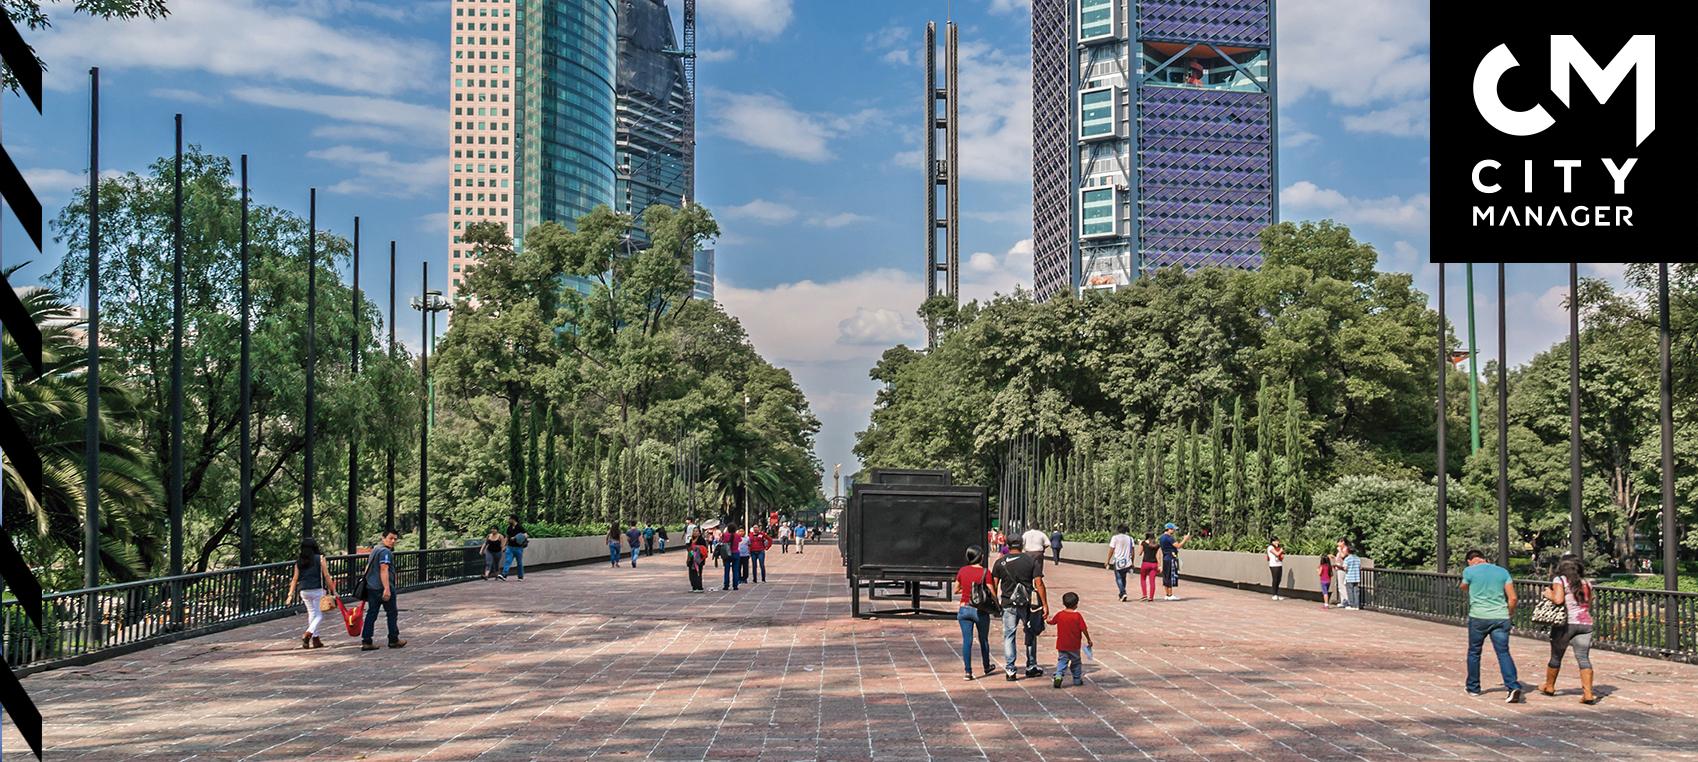 La dinámicas contradictorias en las ciudades metropolitanas o la urbanización sin ciudad y la ciudad sin igualdad ciudadana